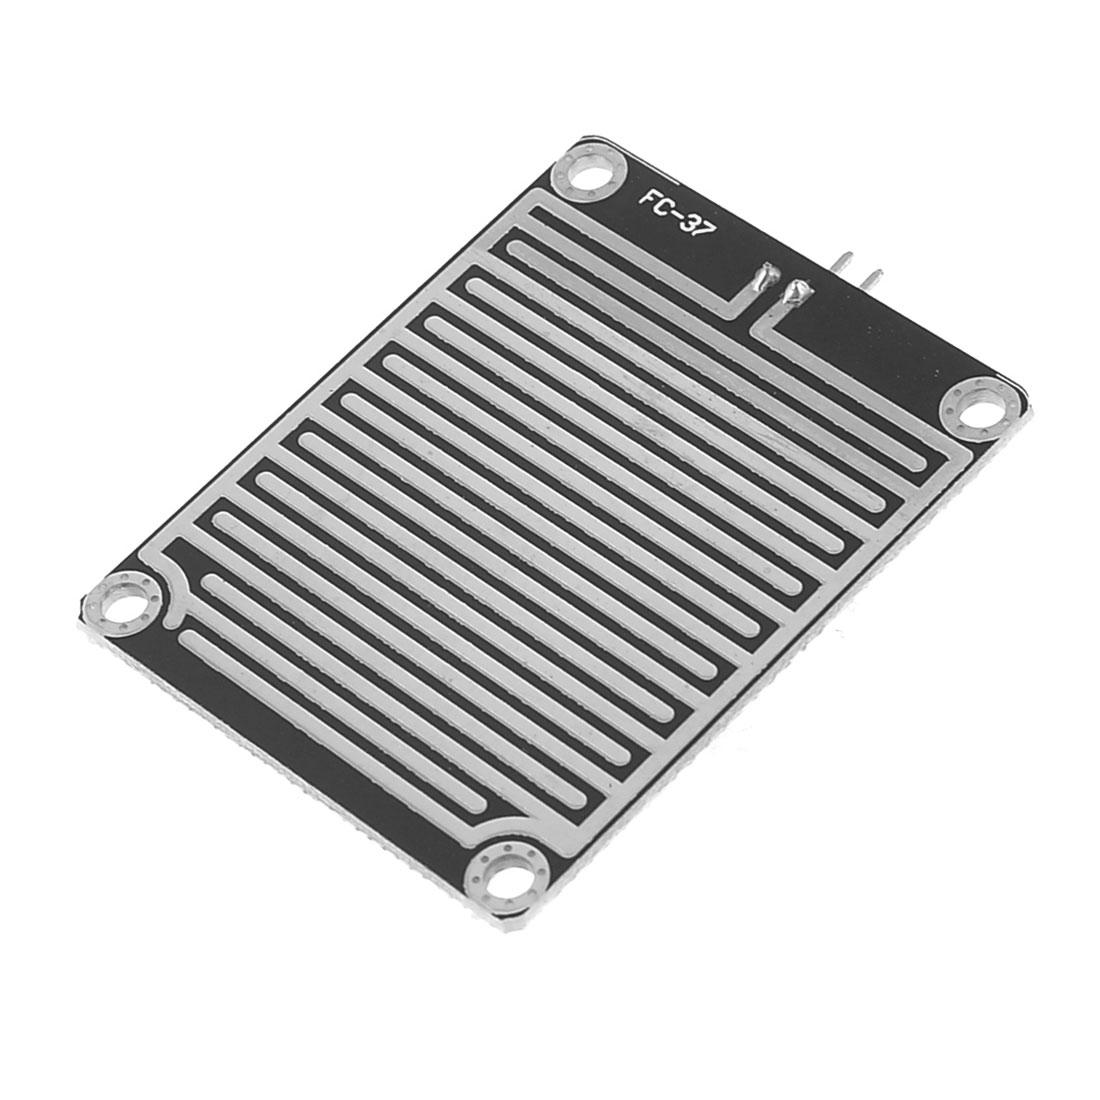 3.3V-5V Sensitive Humidity Detection Leaf Wetness Sensor Board